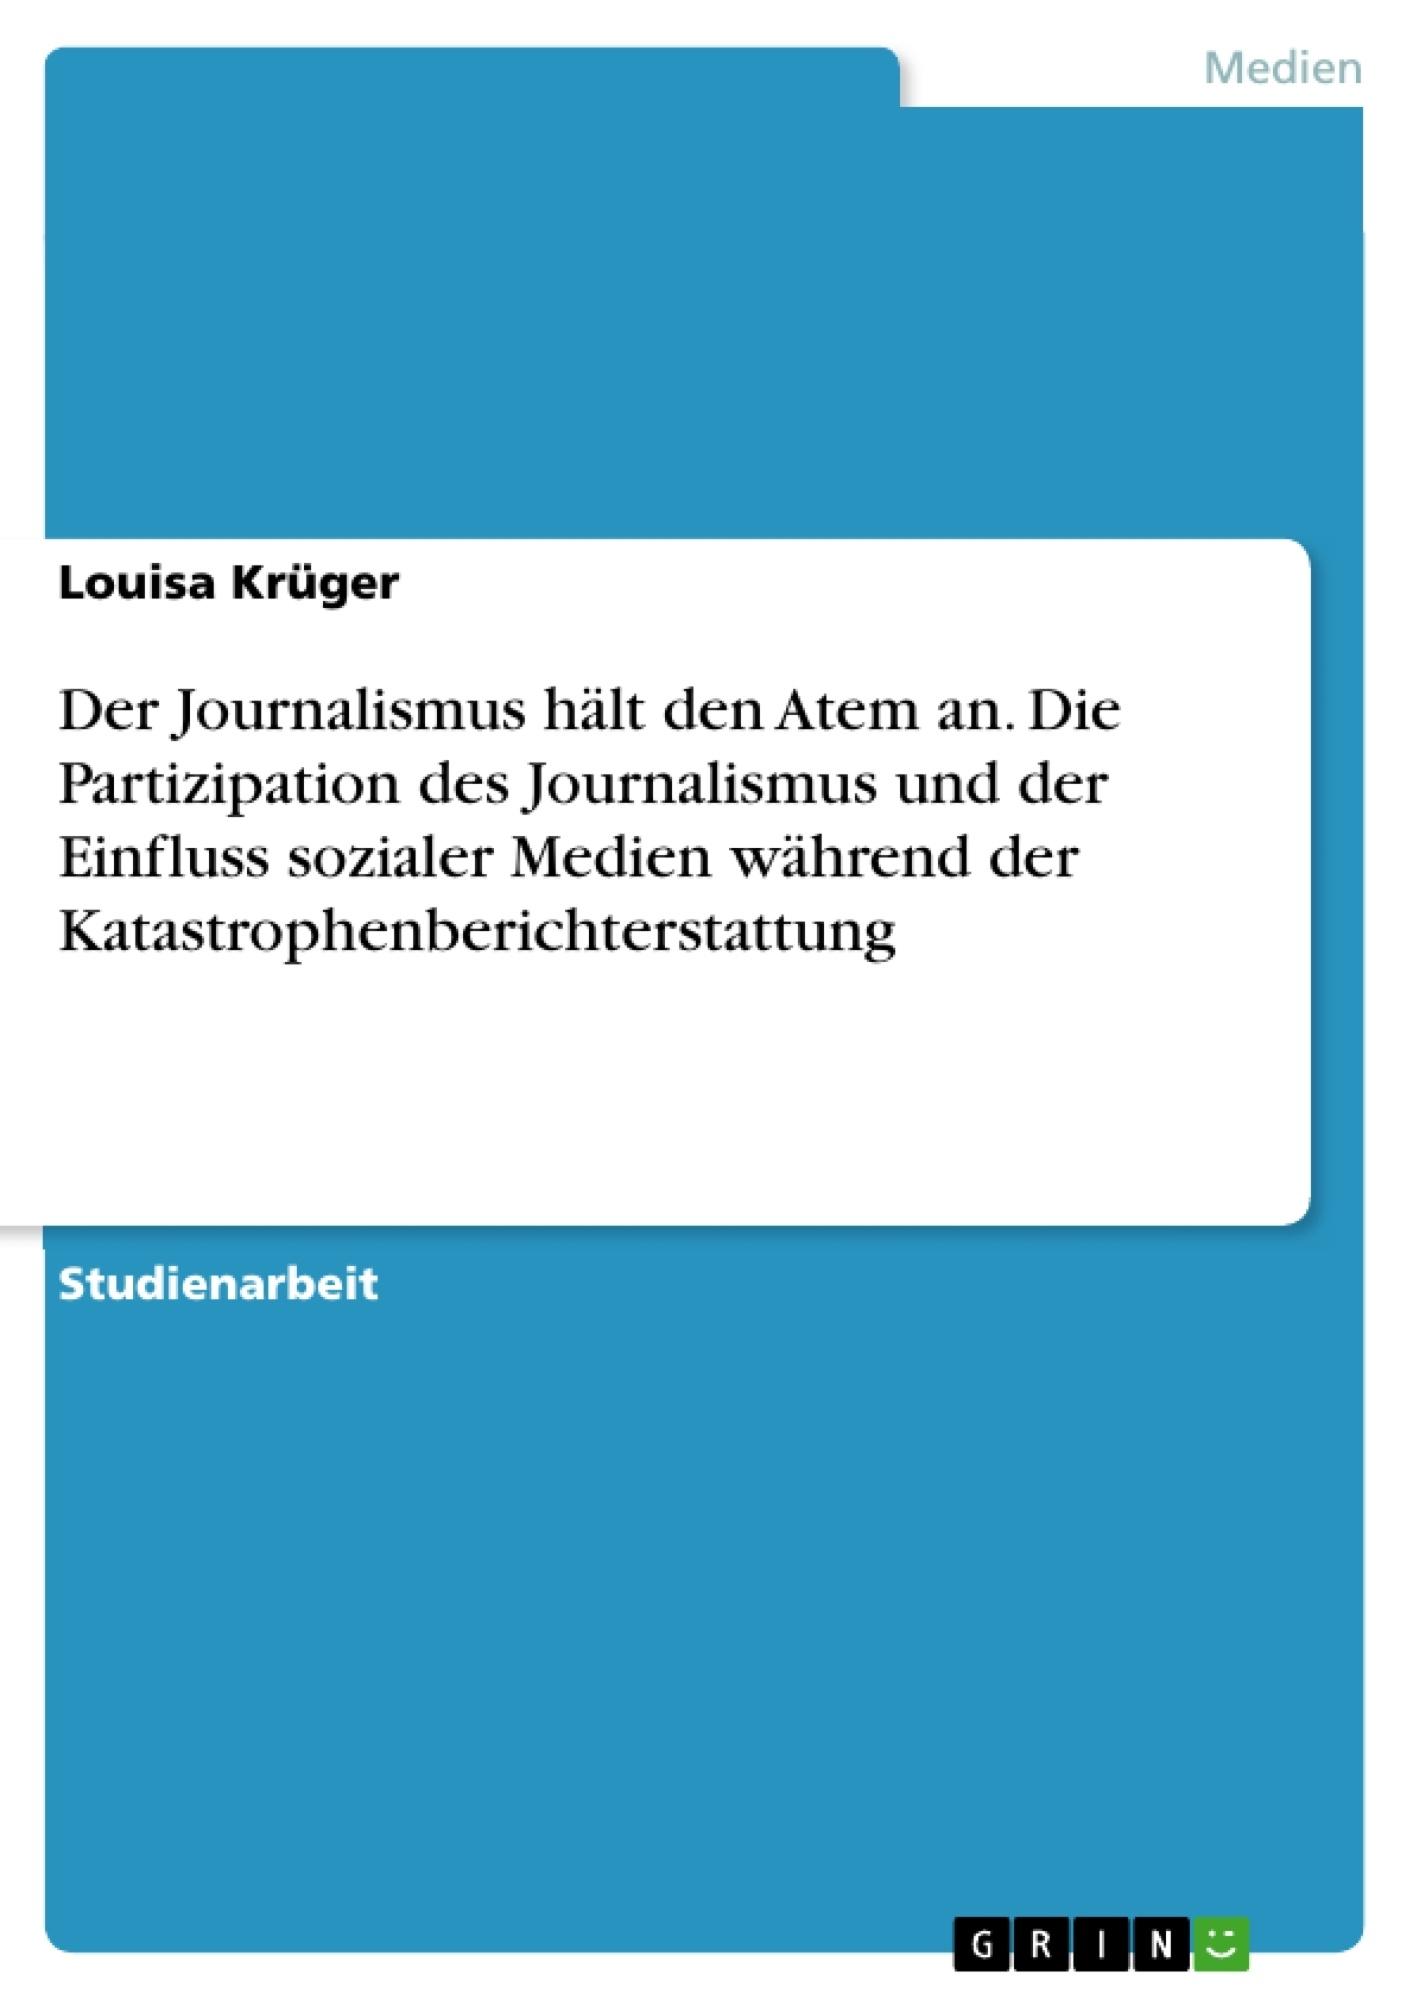 Titel: Der Journalismus hält den Atem an. Die Partizipation des Journalismus und der Einfluss sozialer Medien während der Katastrophenberichterstattung